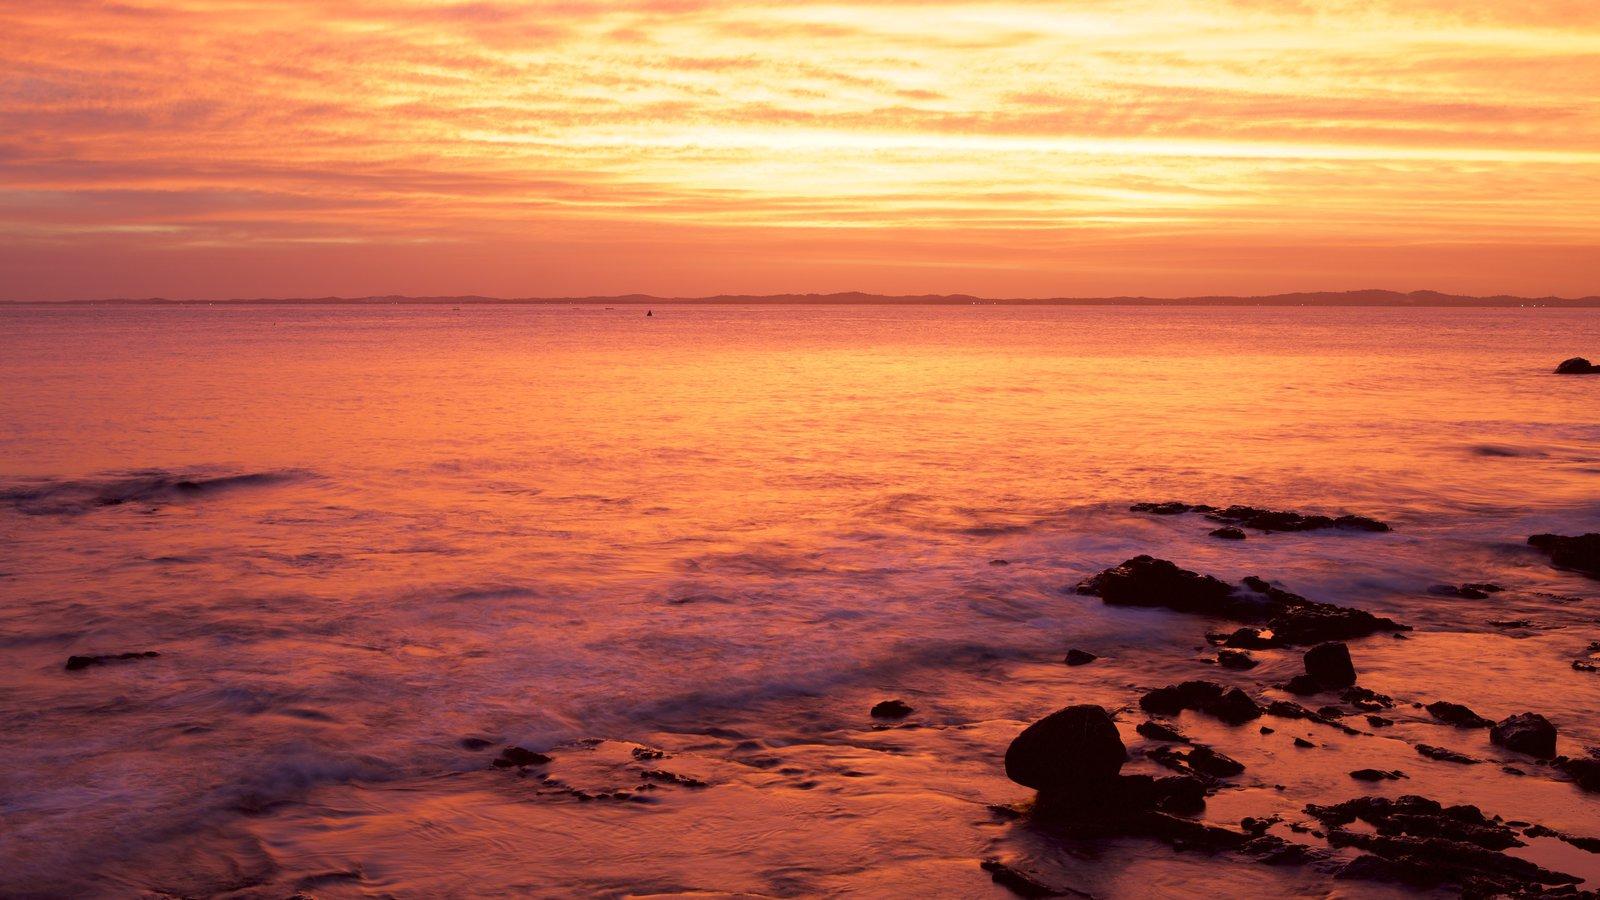 Praia do Farol da Barra que inclui um pôr do sol e paisagens litorâneas